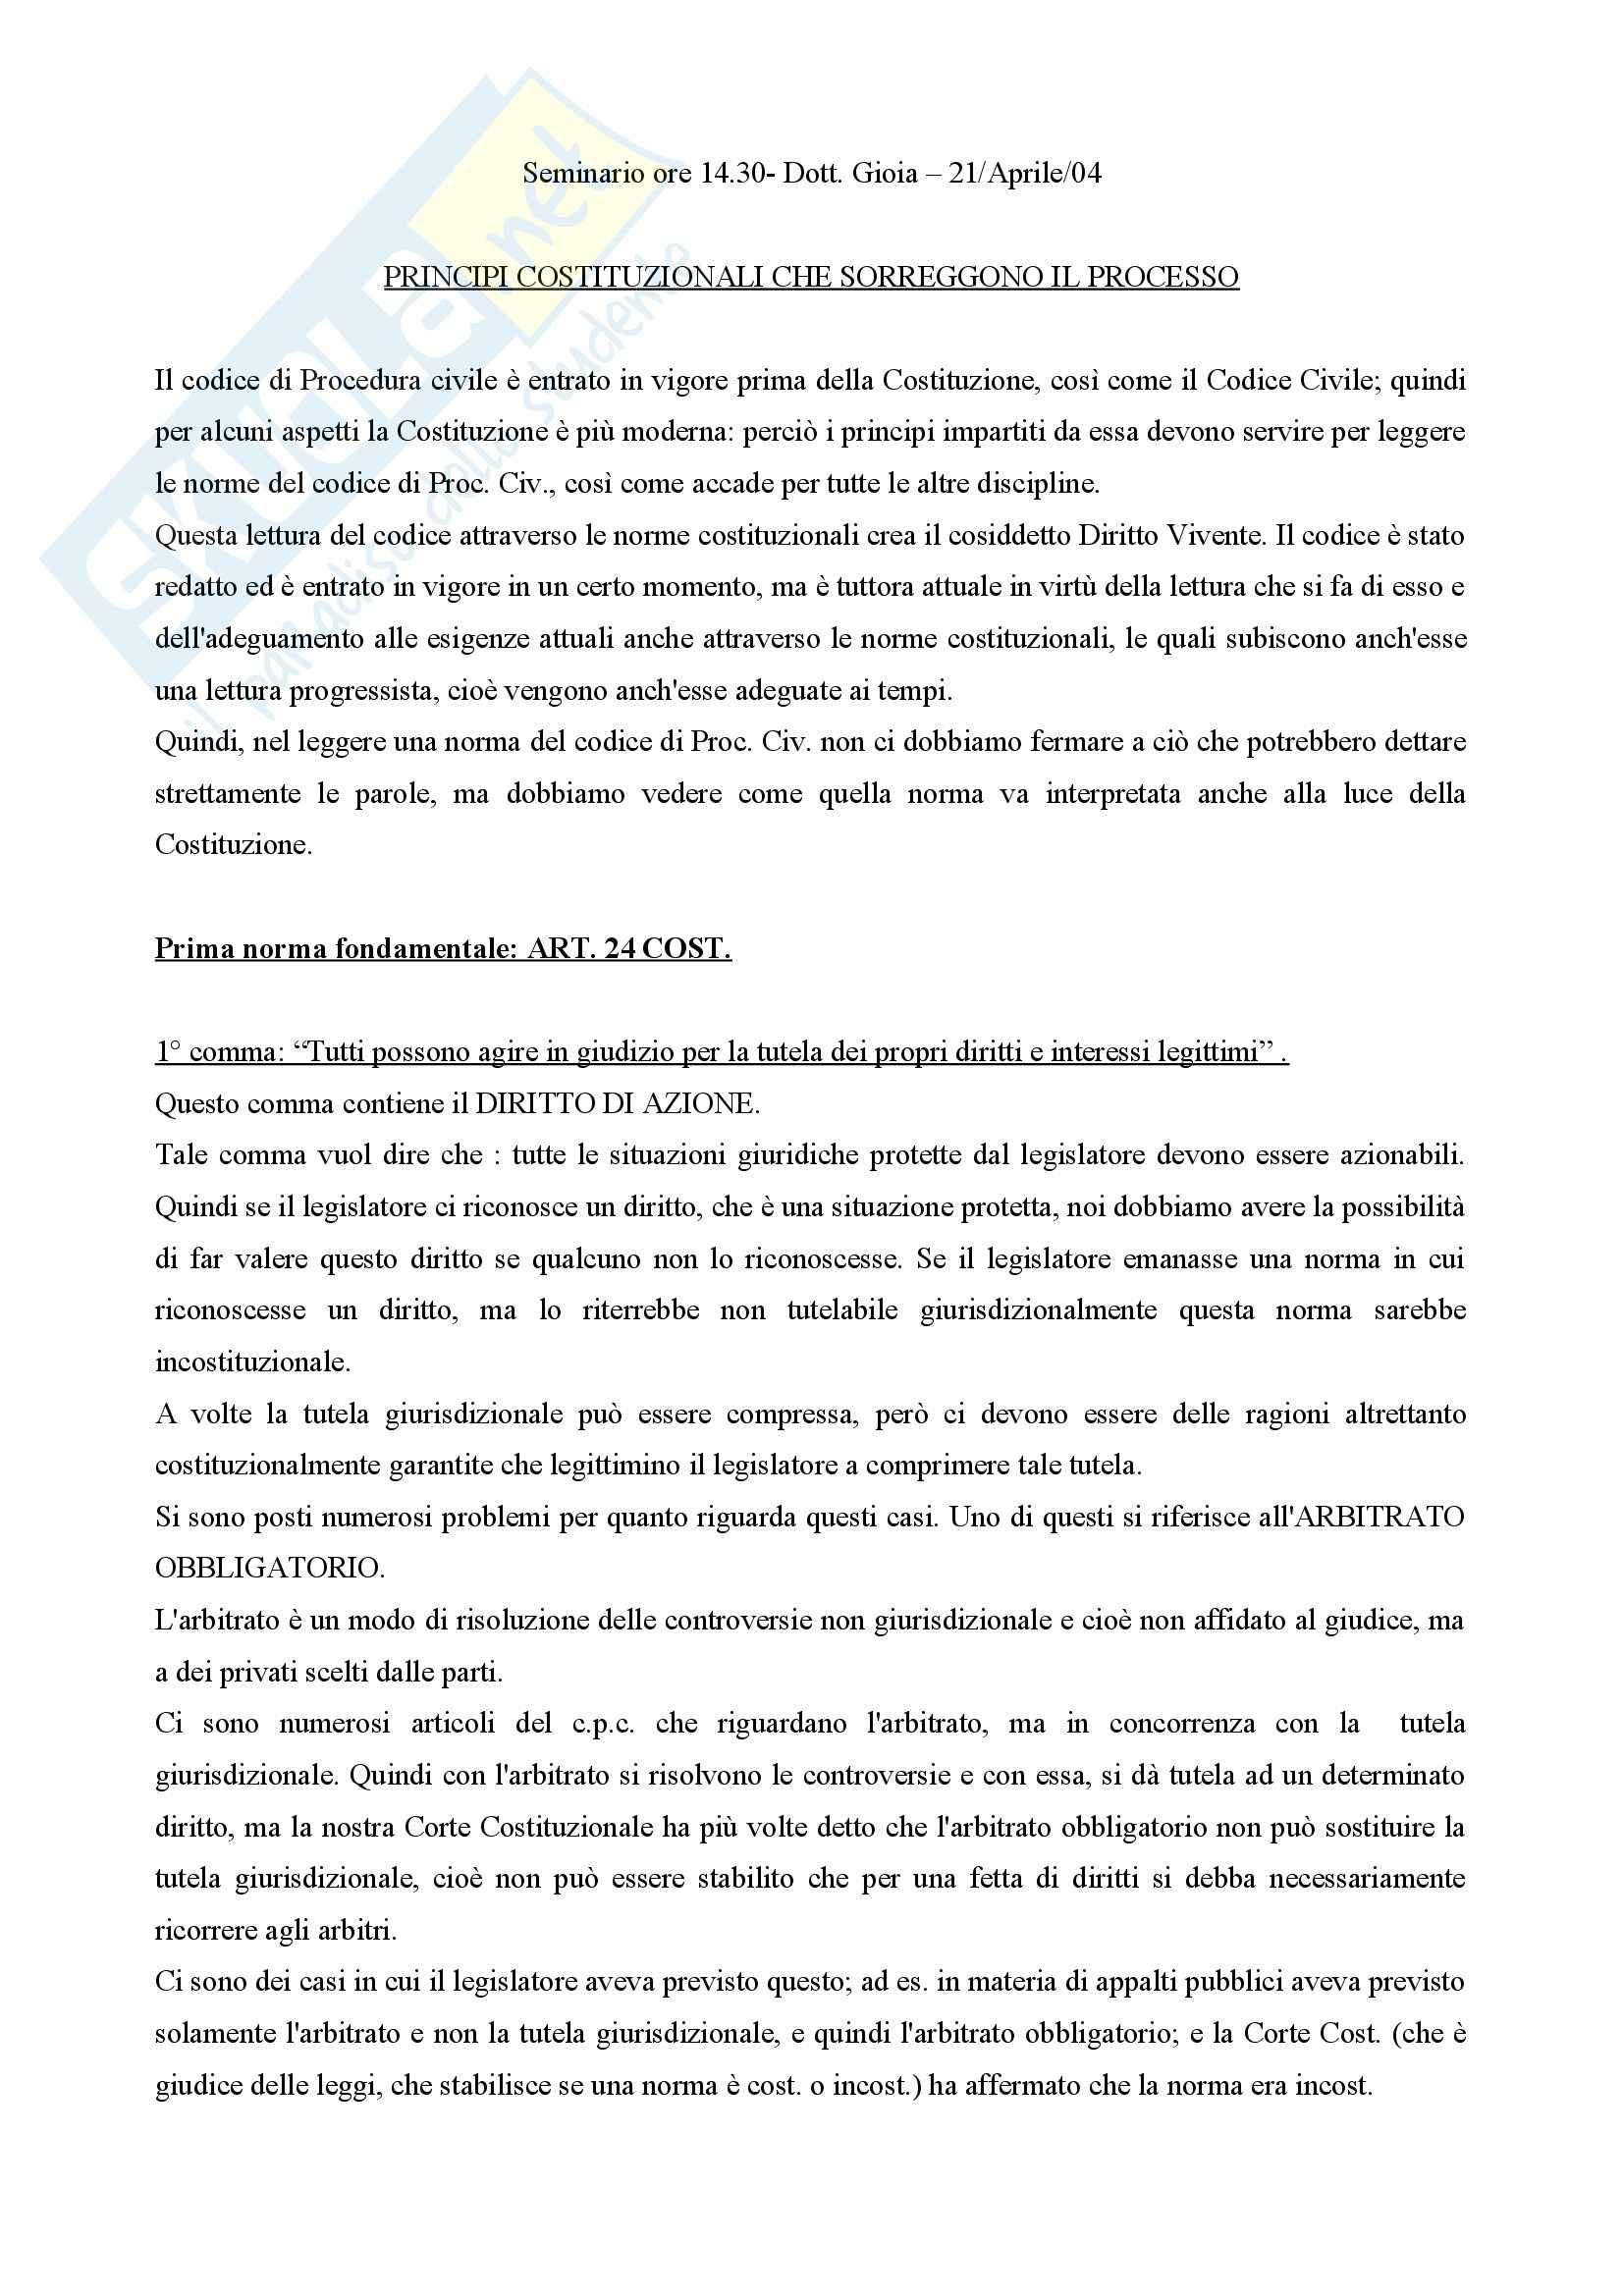 Diritto processuale civile - principi costituzionali nel processo civile